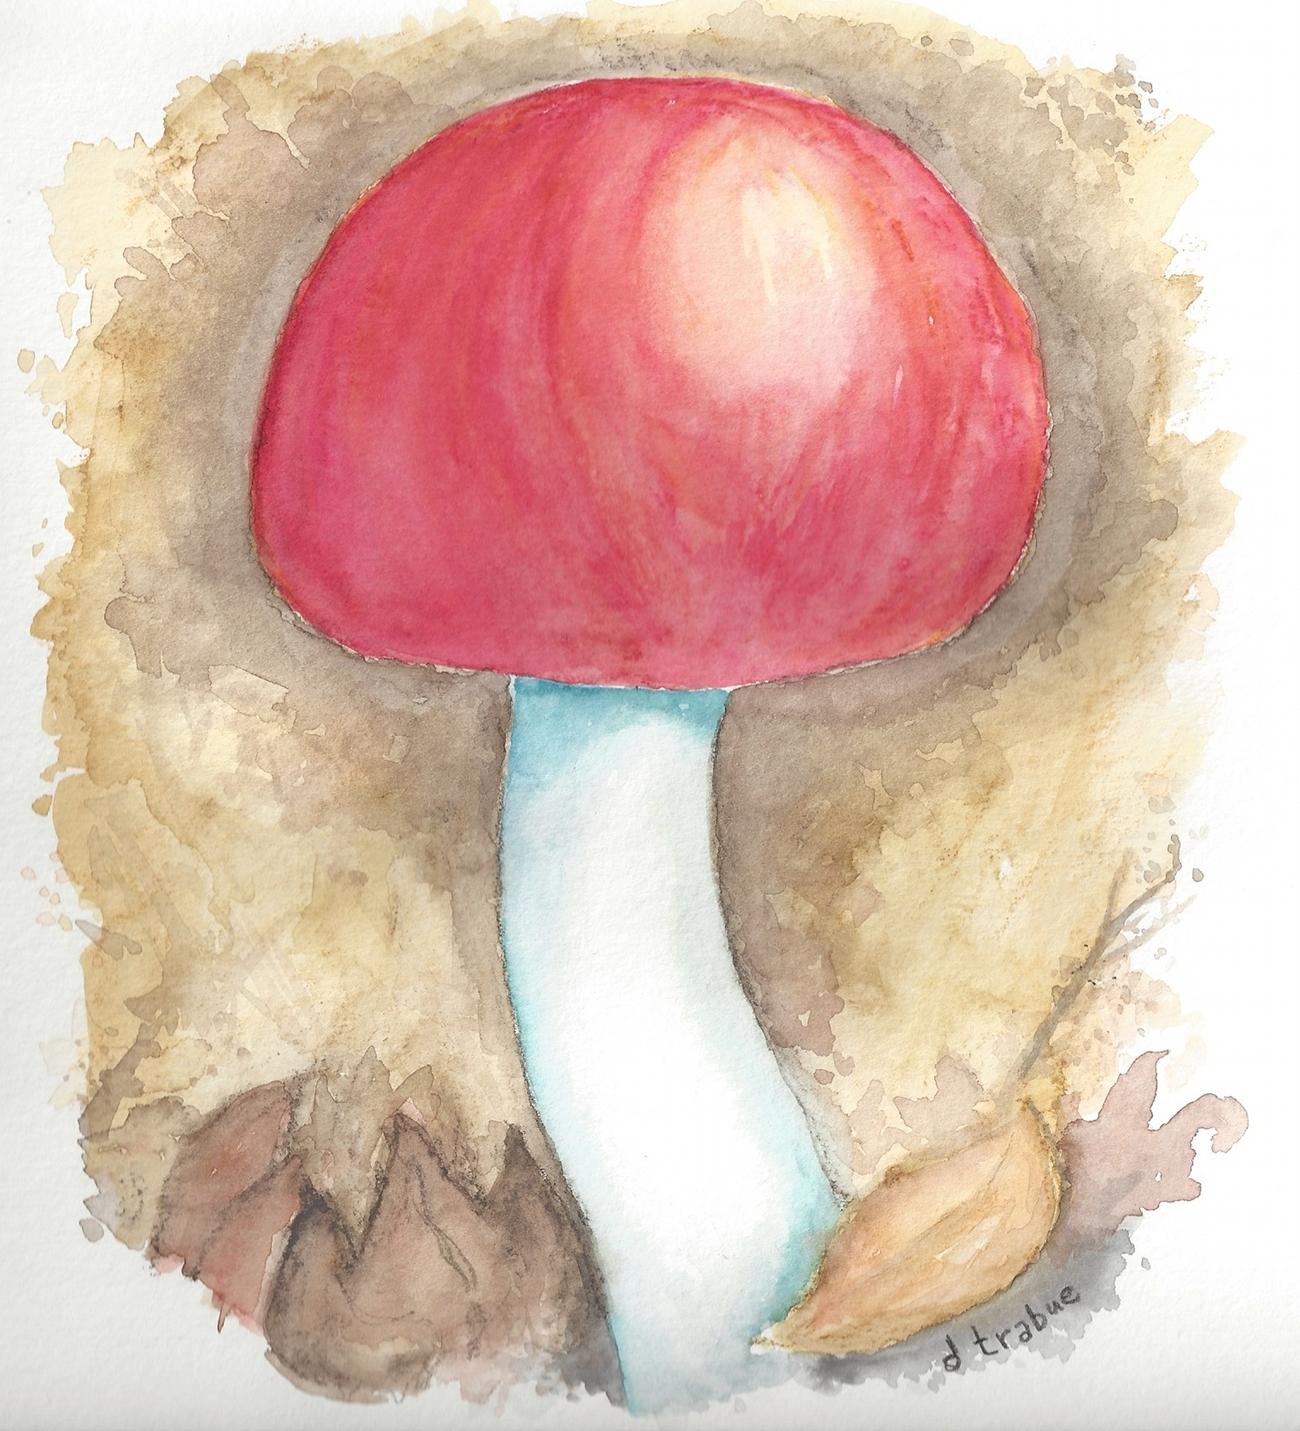 Mushroom1a